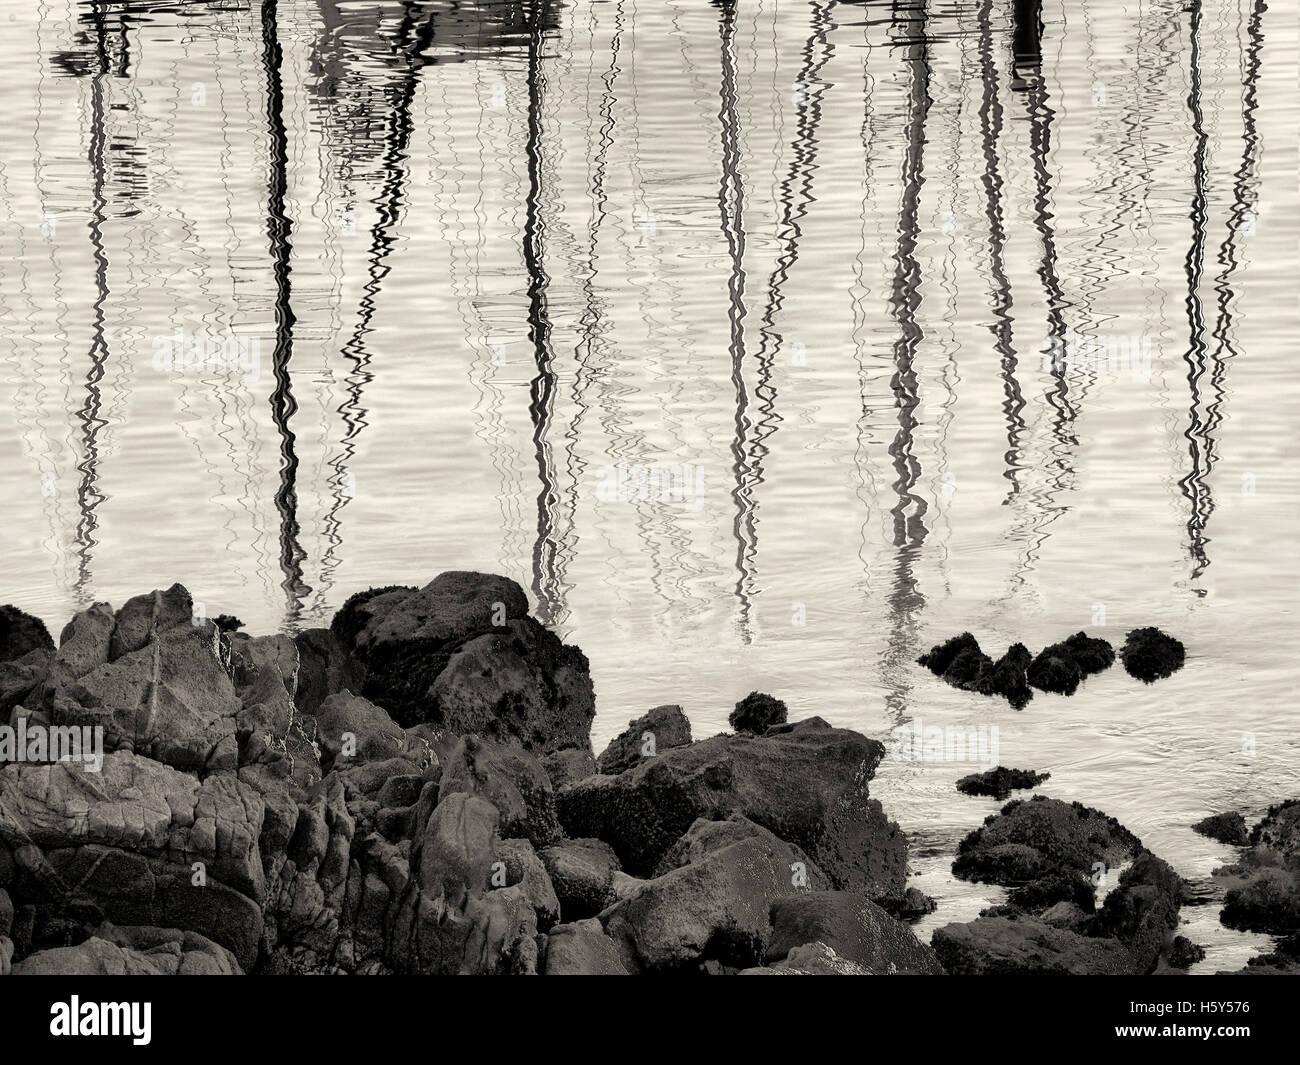 Reflected sailing masts at Monterey Harbor and Marina, California - Stock Image